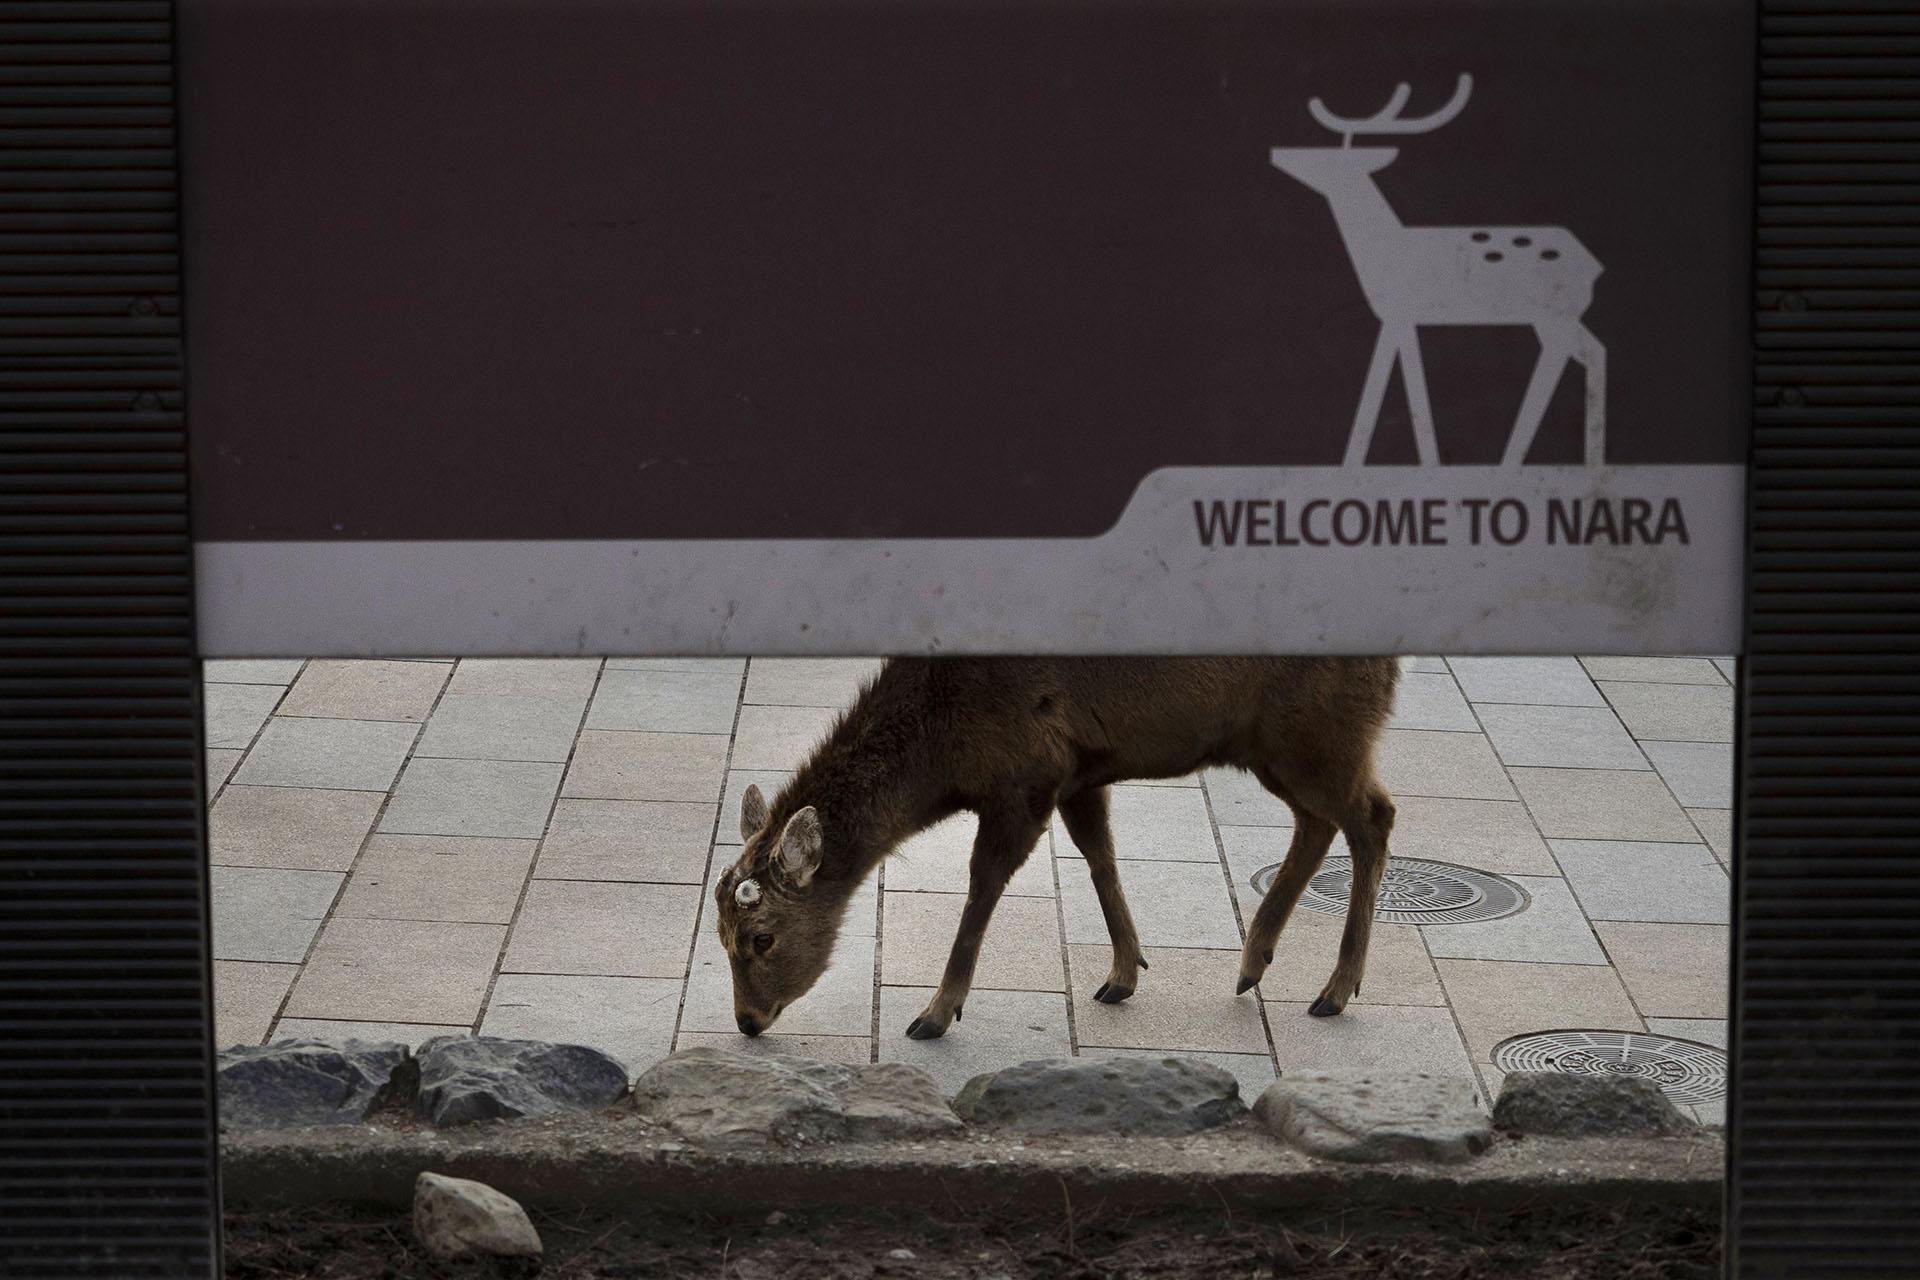 Un ciervo deambula por la zona comercial de Nara, Japón (AP Photo / Jae C. Hong)